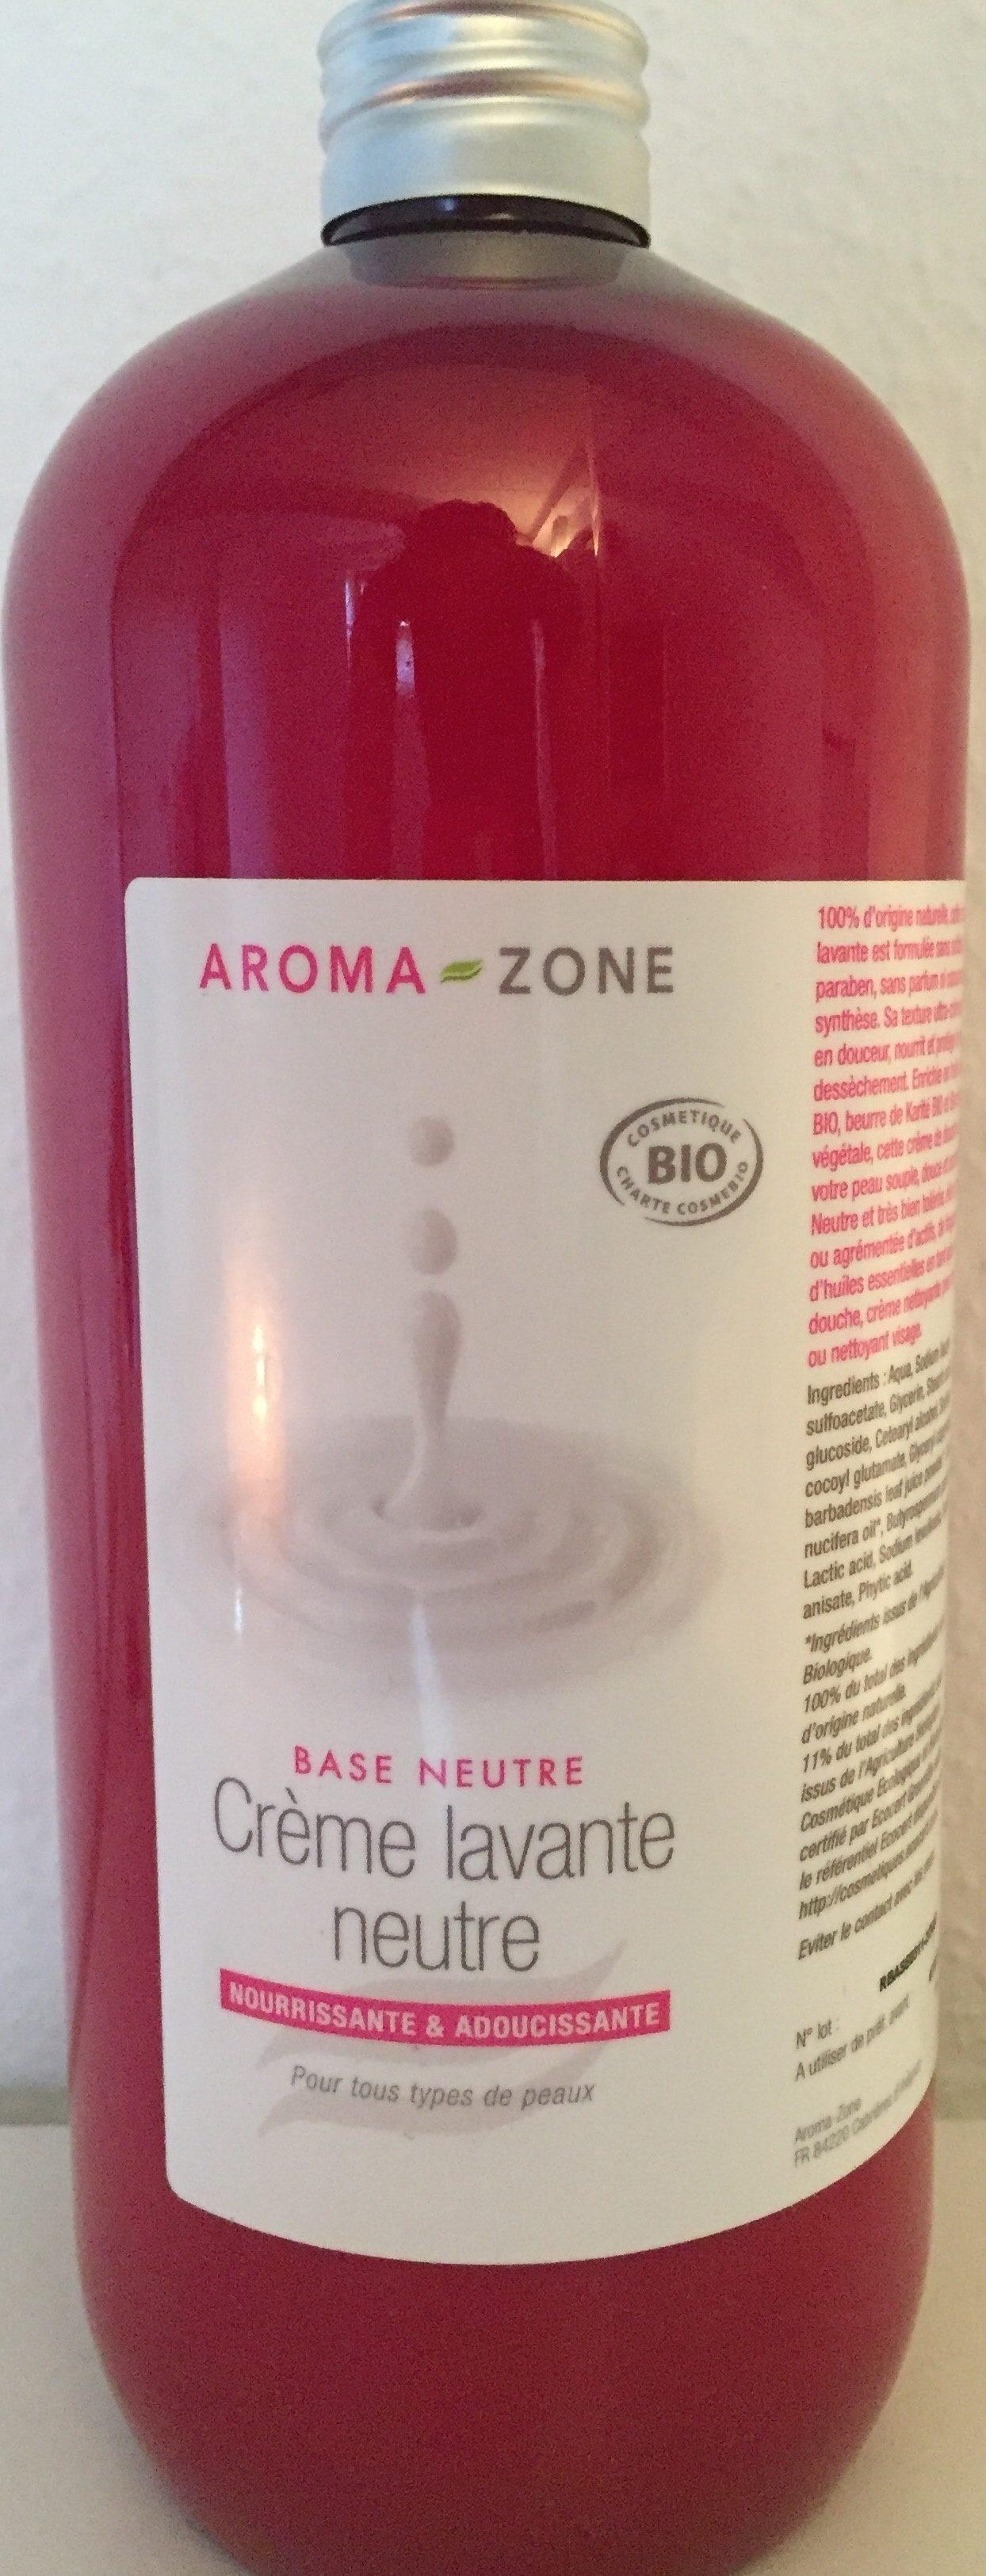 Aroma-zone crème lavante neutre - Product - fr